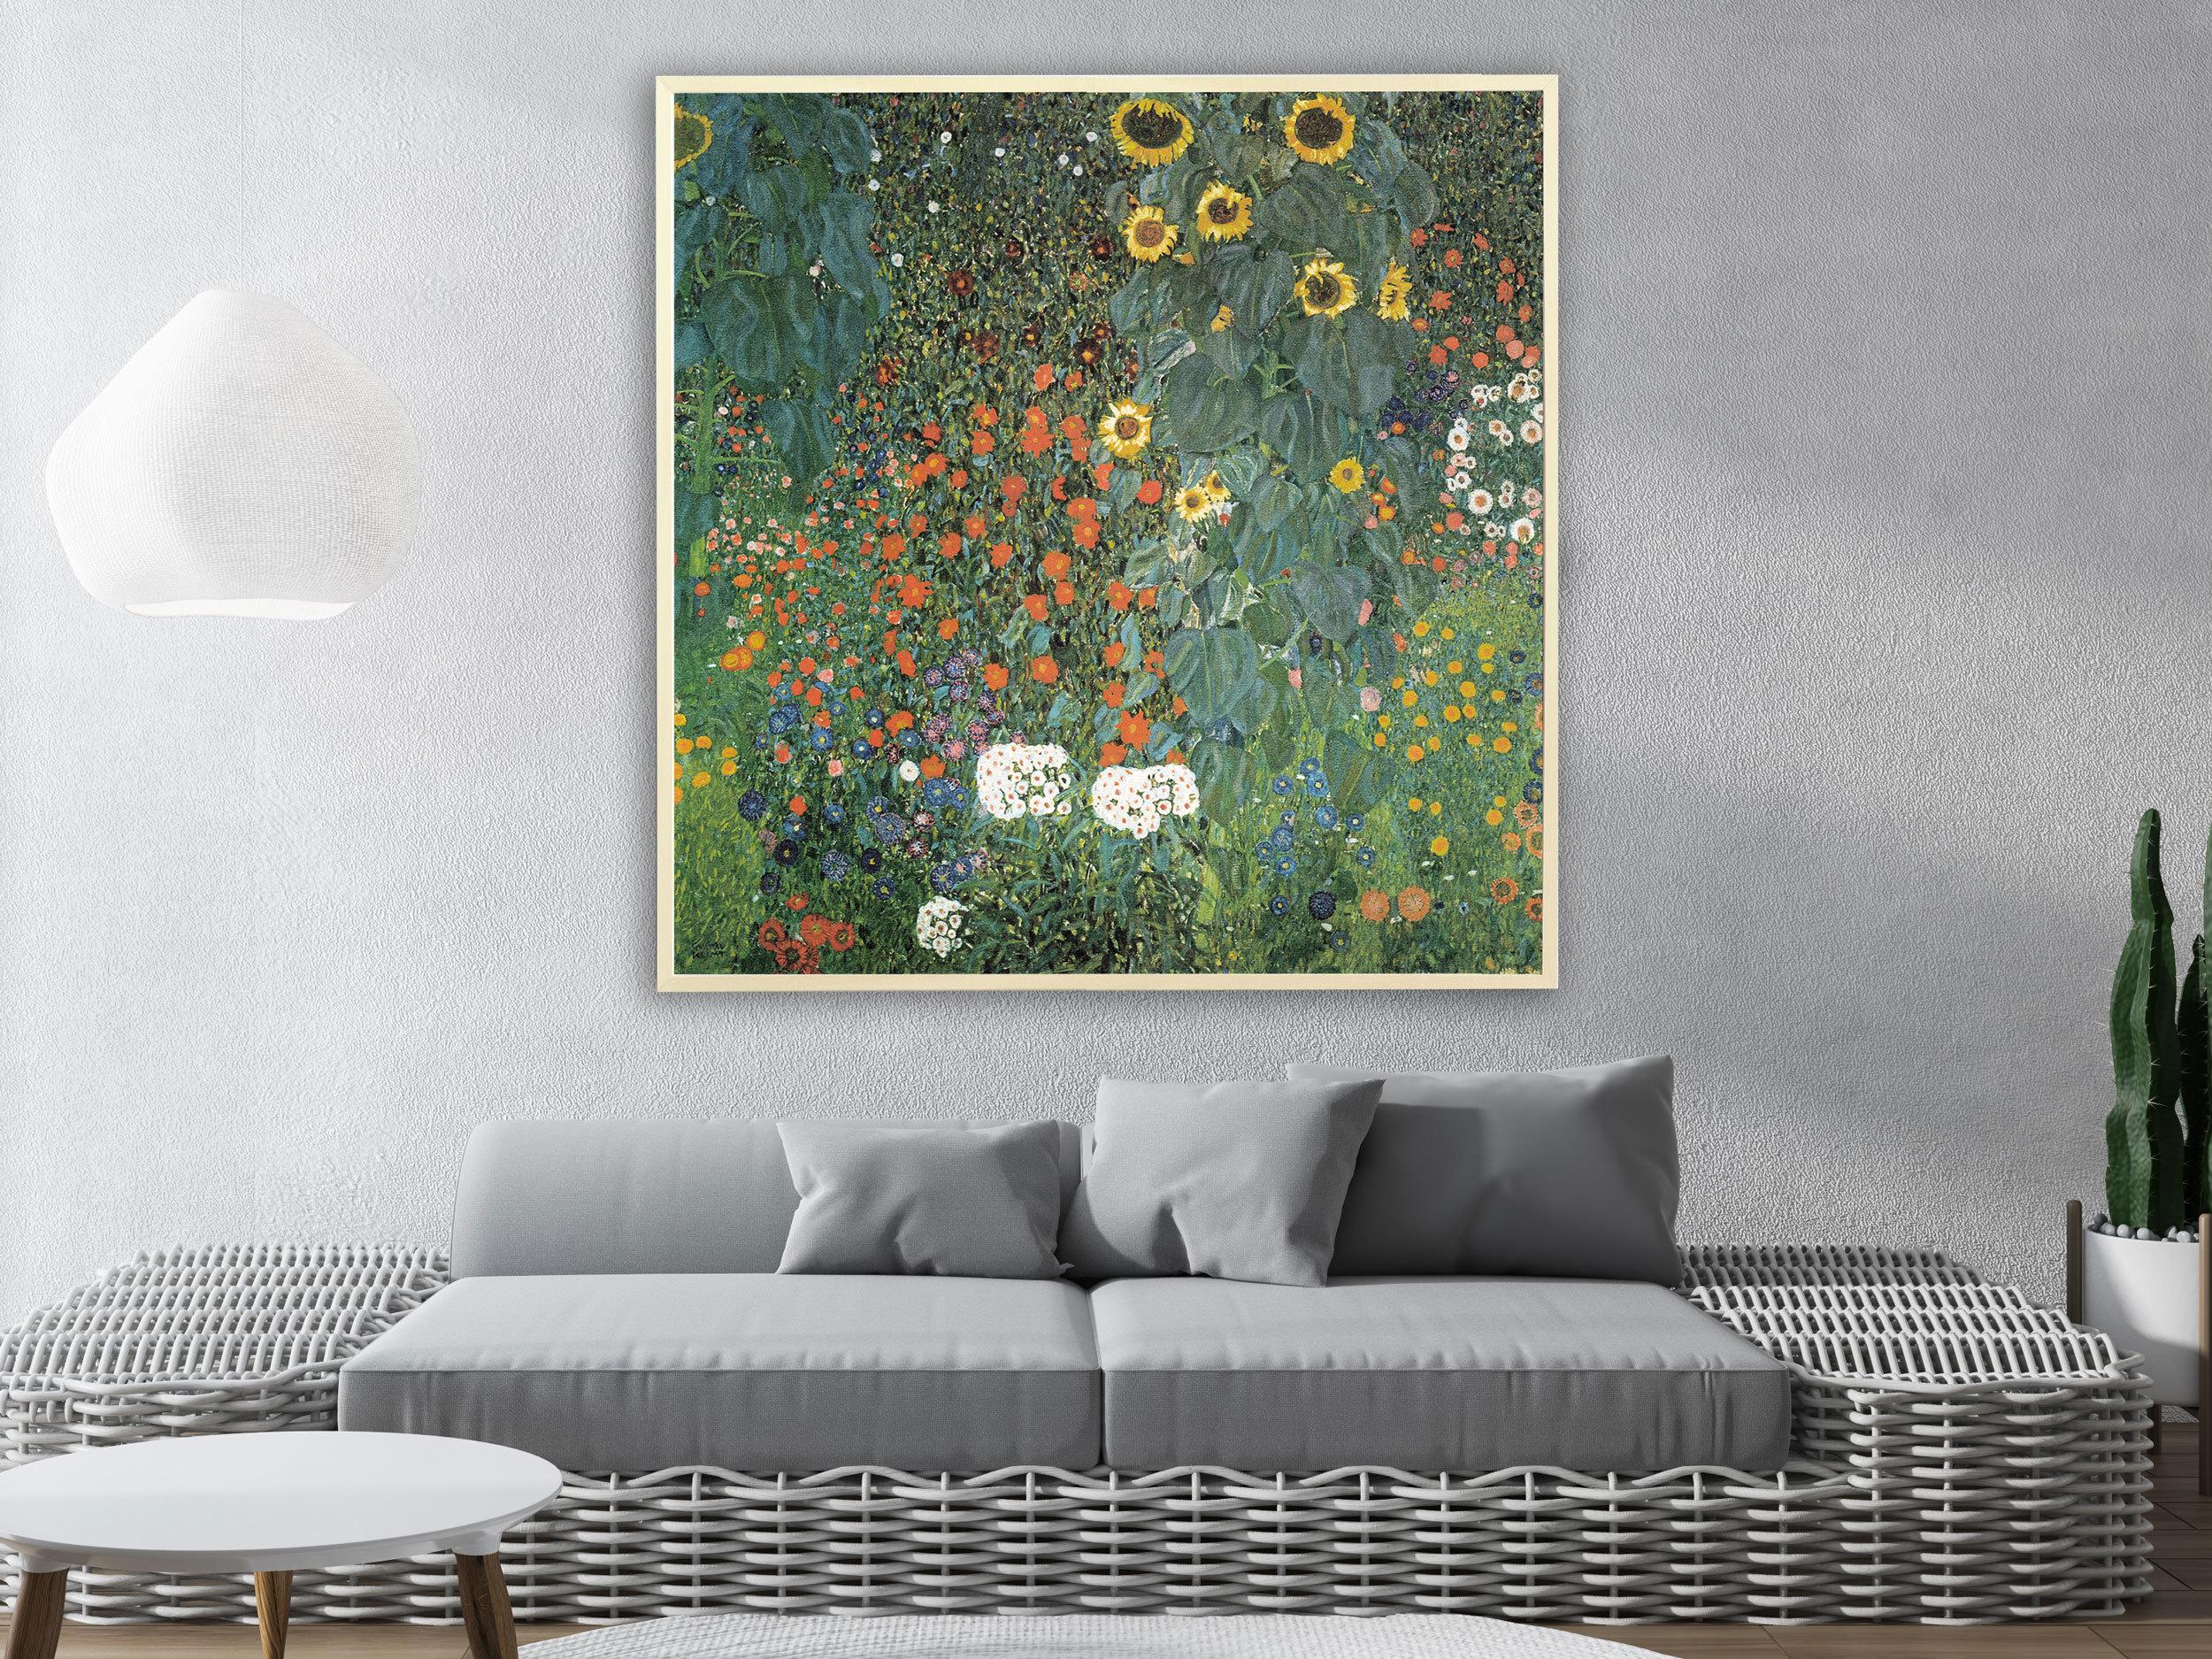 Gustav Klimt - Bauerngarten mit Sonnenblumen, 1907, Bilderrahmen Ahorn